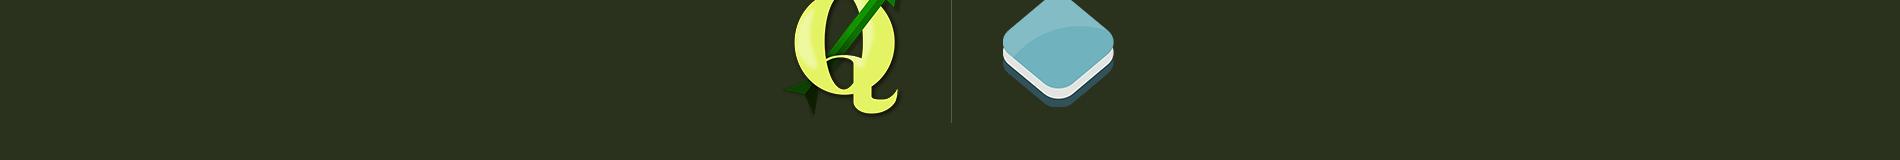 QGis e Openlayers